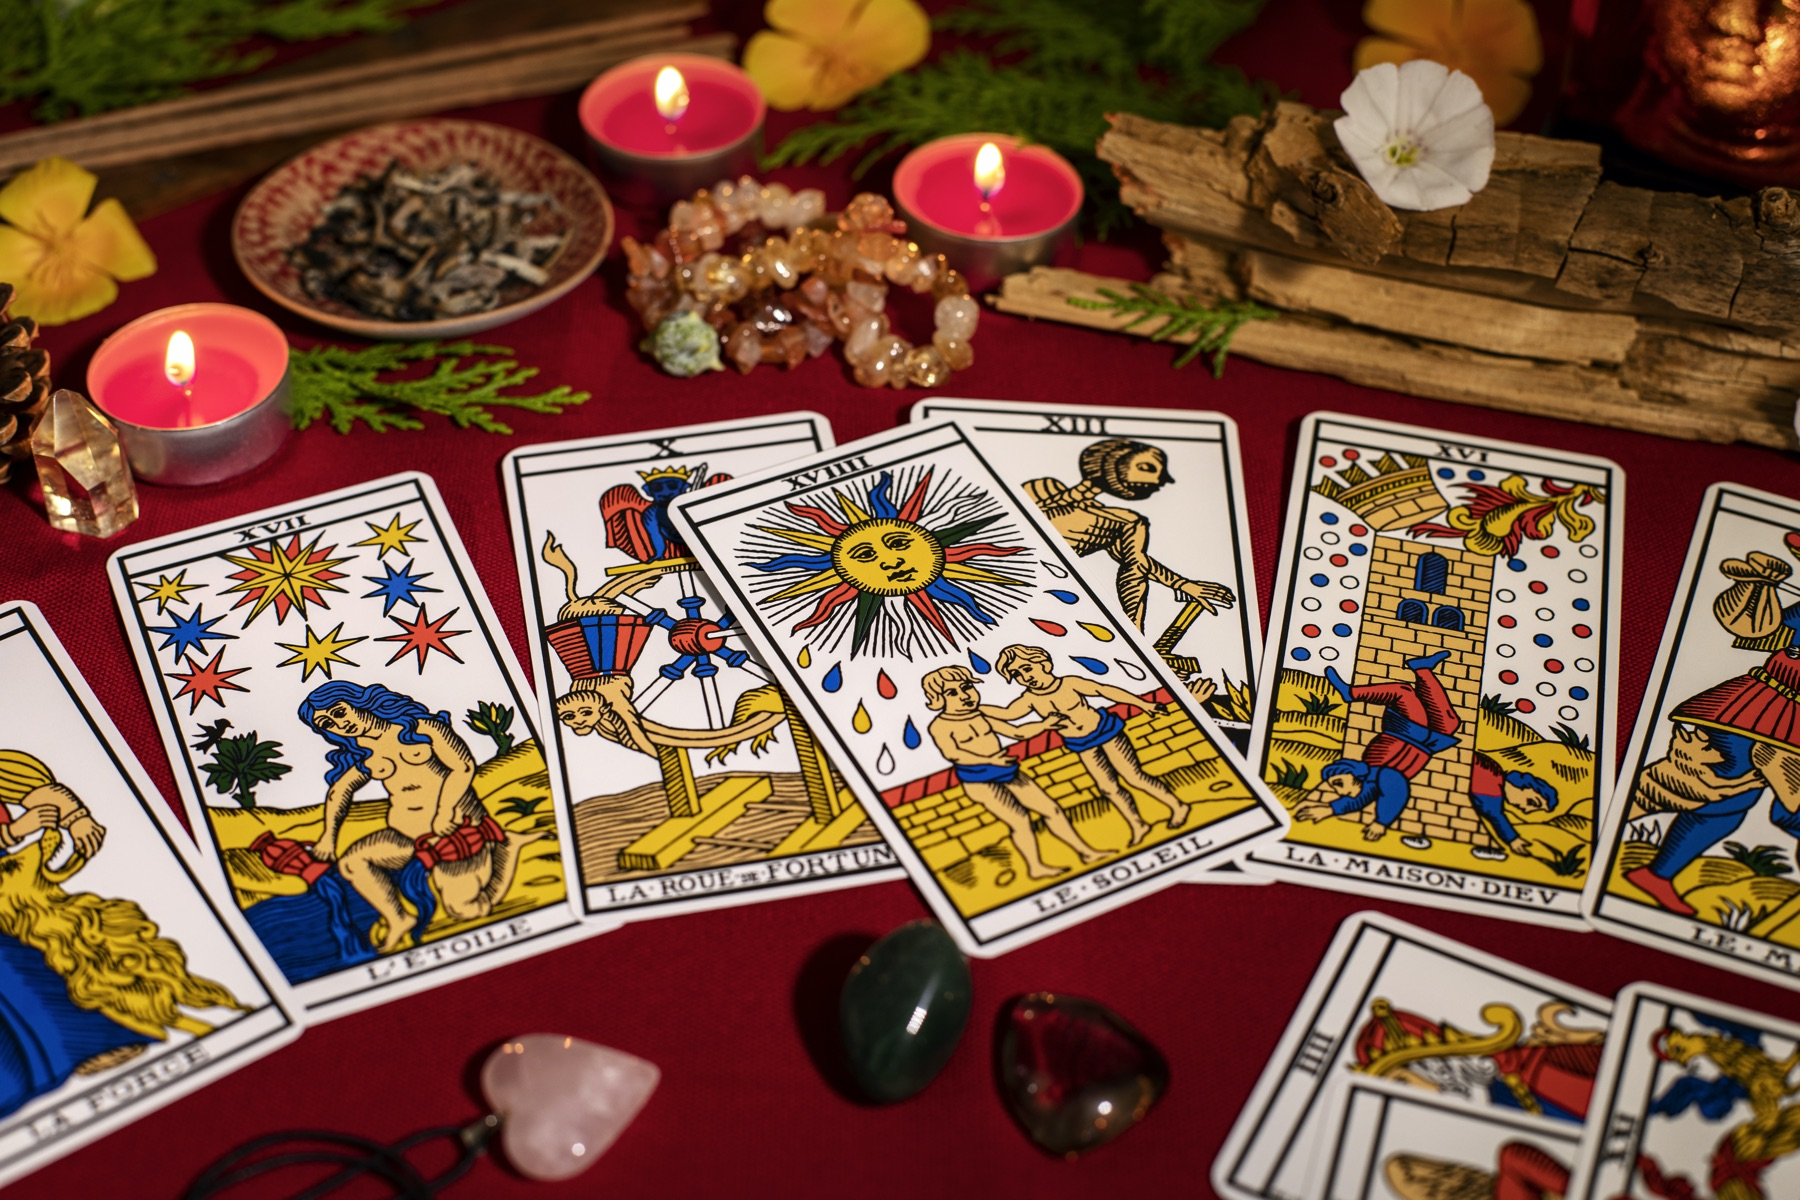 Histoire et utilisation des cartes de tarot